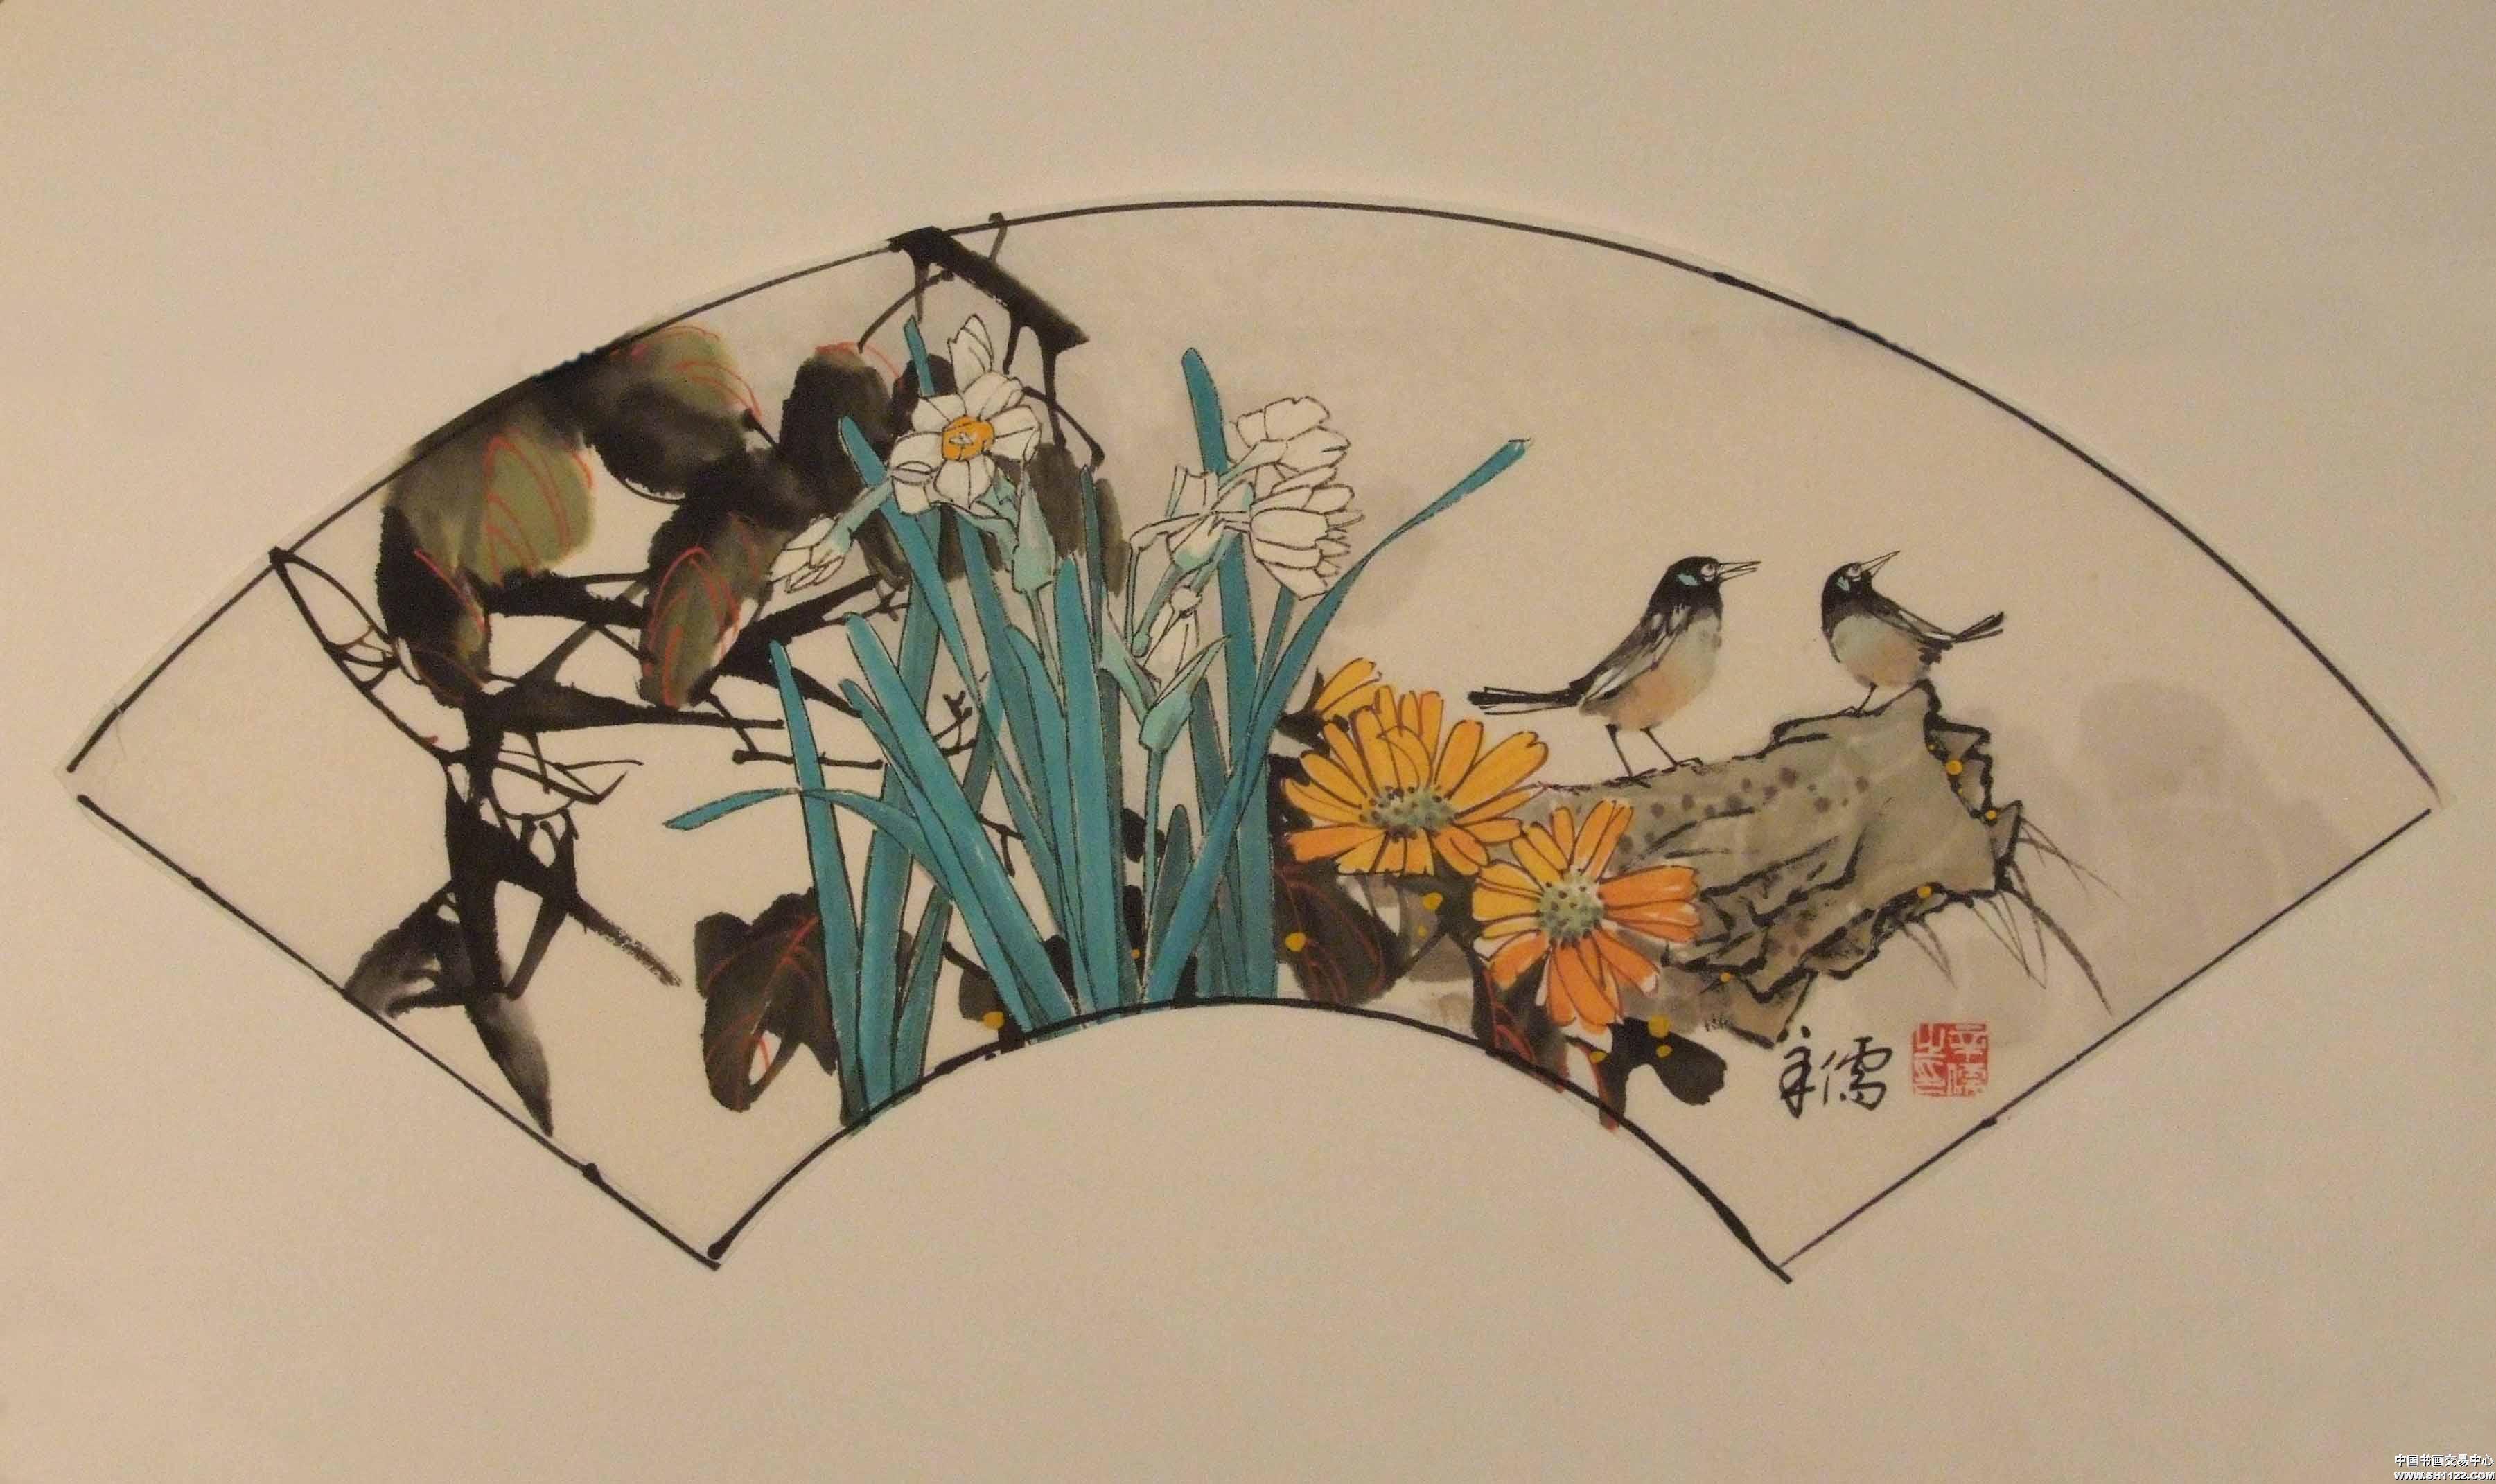 作品名称 《花鸟小品(7)》 收藏序号 jdys200703308133-84712 作者